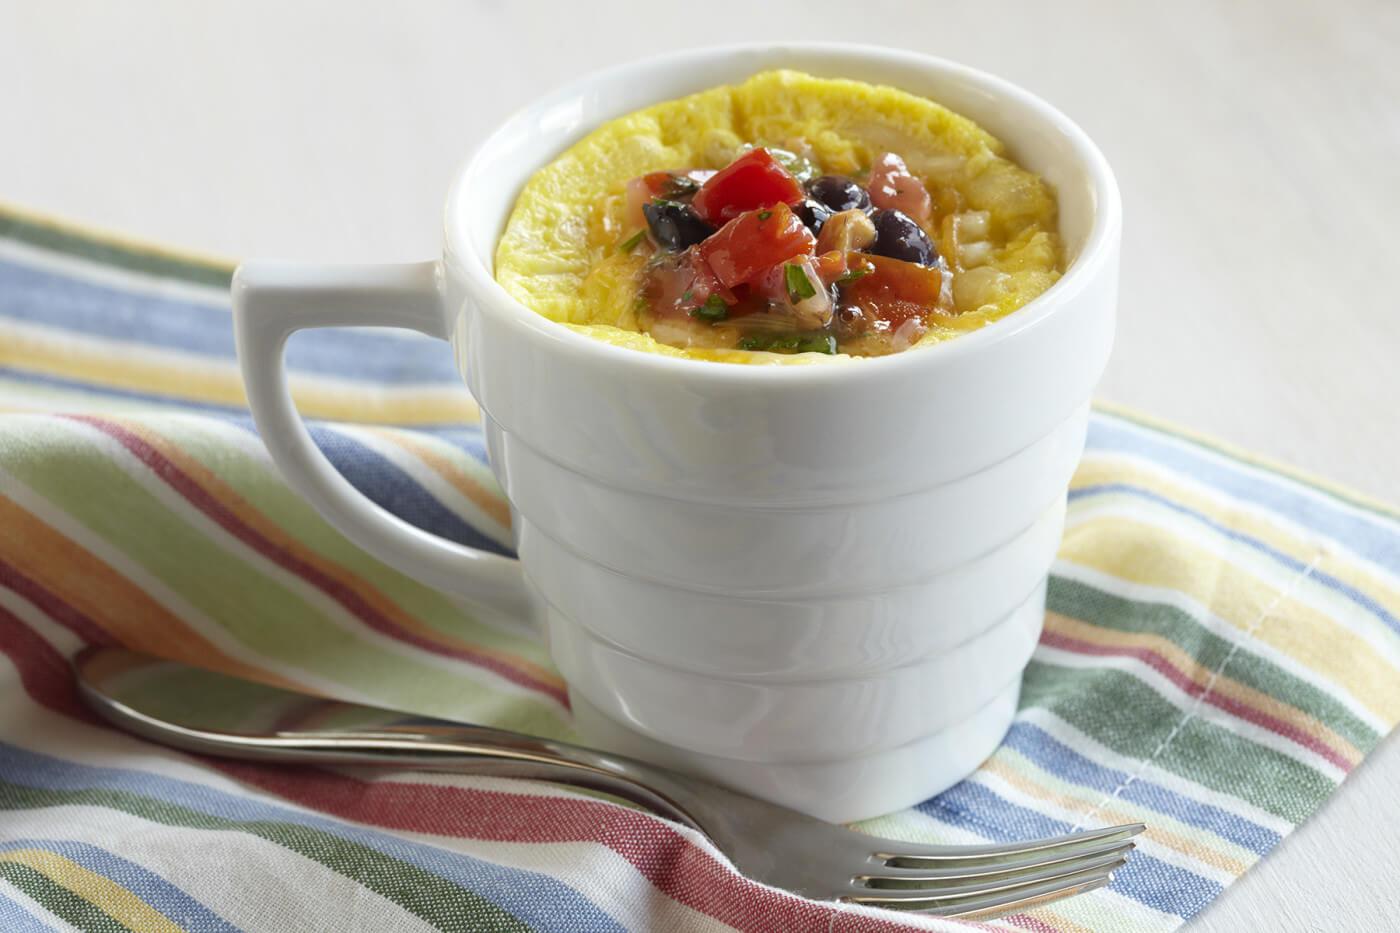 Яйца. Рецепты блюд из яиц на завтрак. омлет в кружке